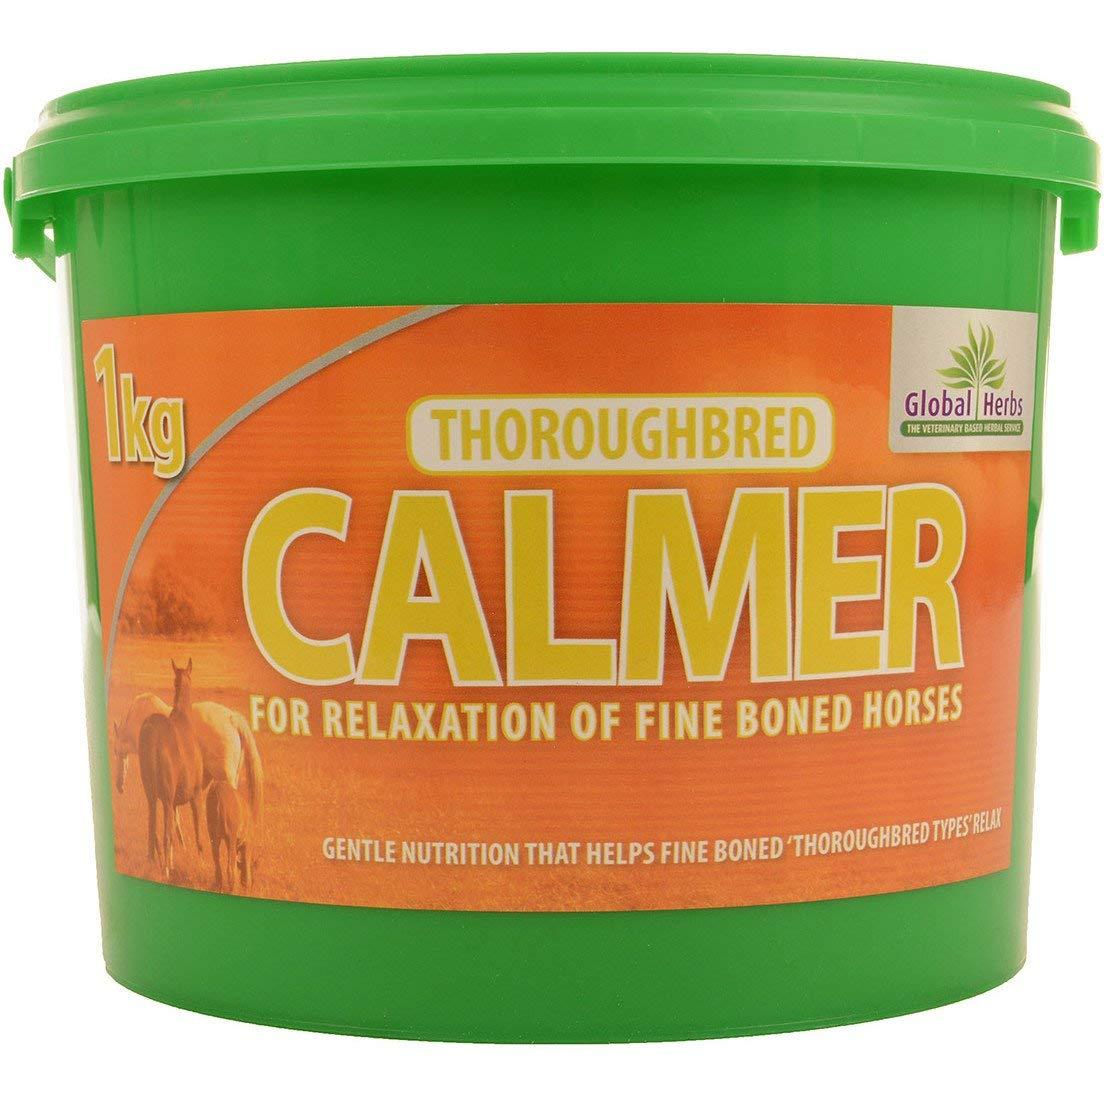 Global Herbs - Thoroughbred Calmer: 1kg by 3L Global Herbs